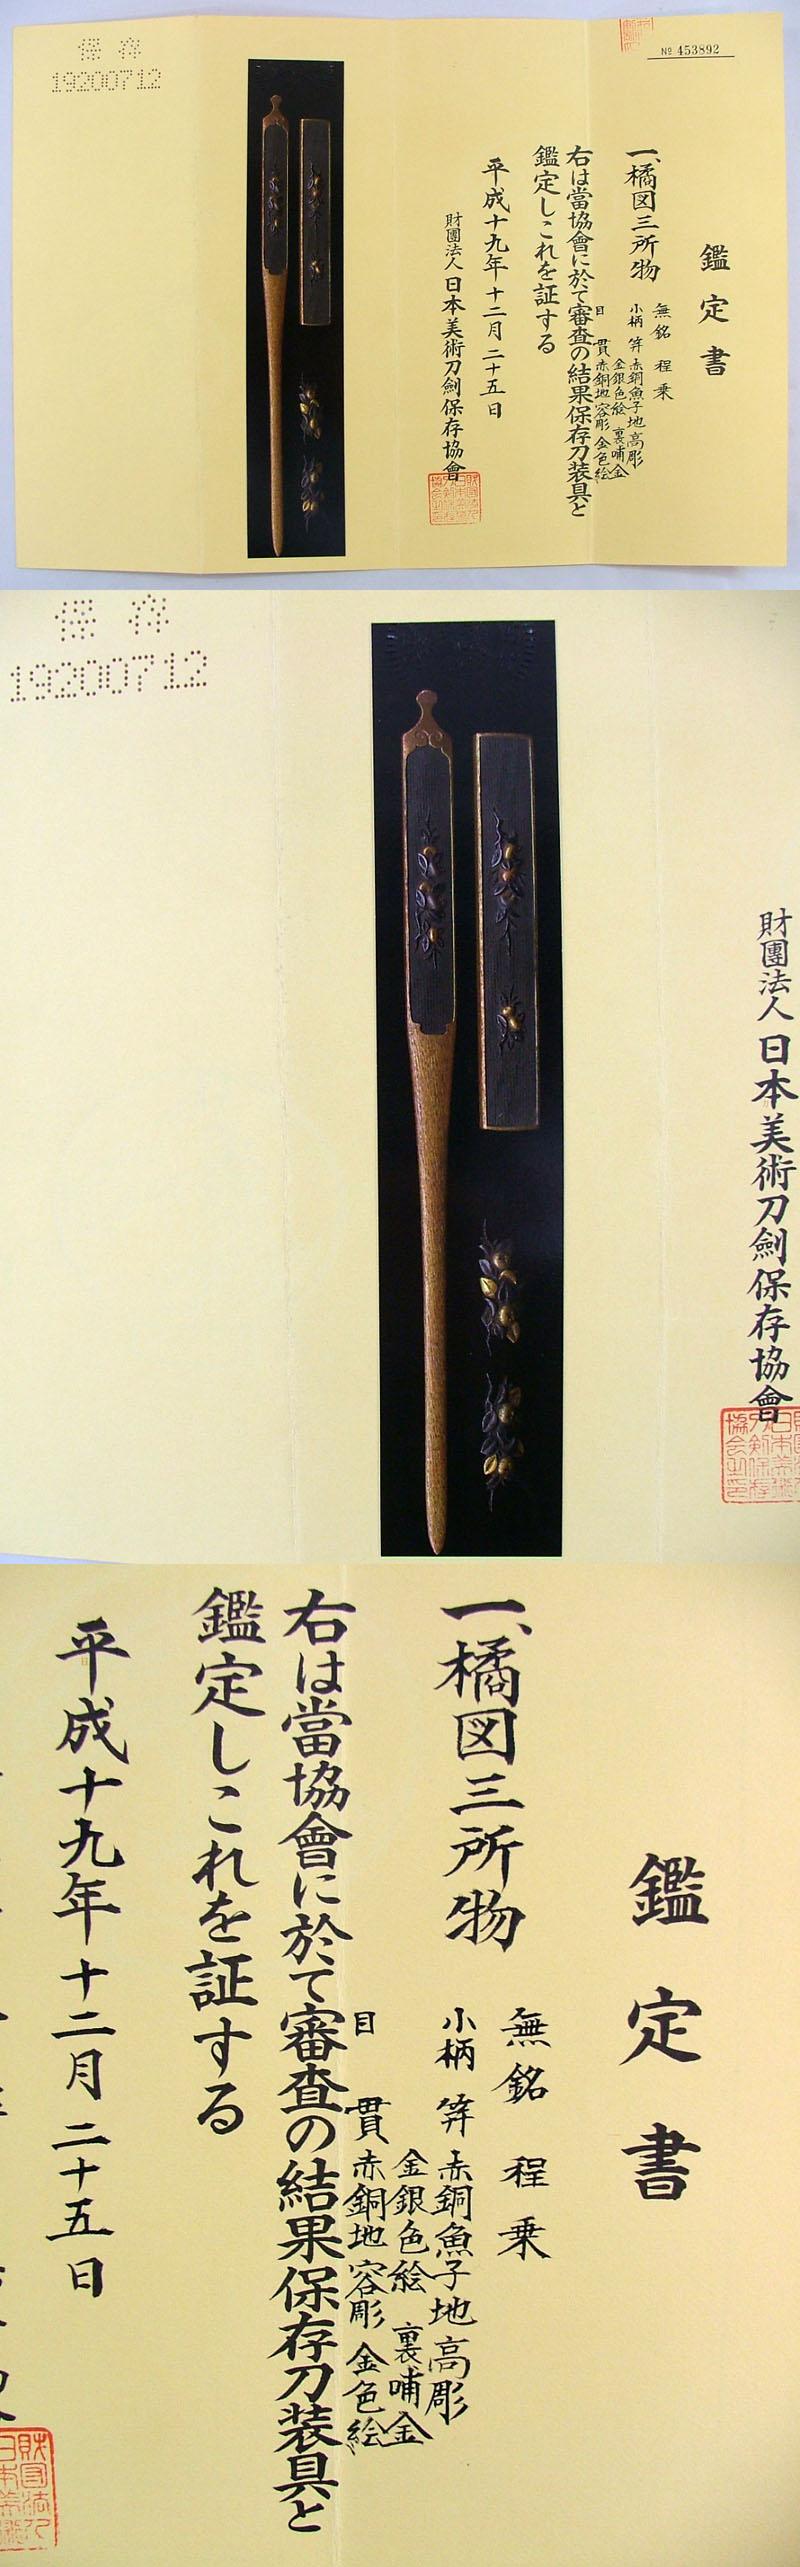 橘図3所物 無銘 程乗 (後藤程乗) (9代) Picture of Certificate